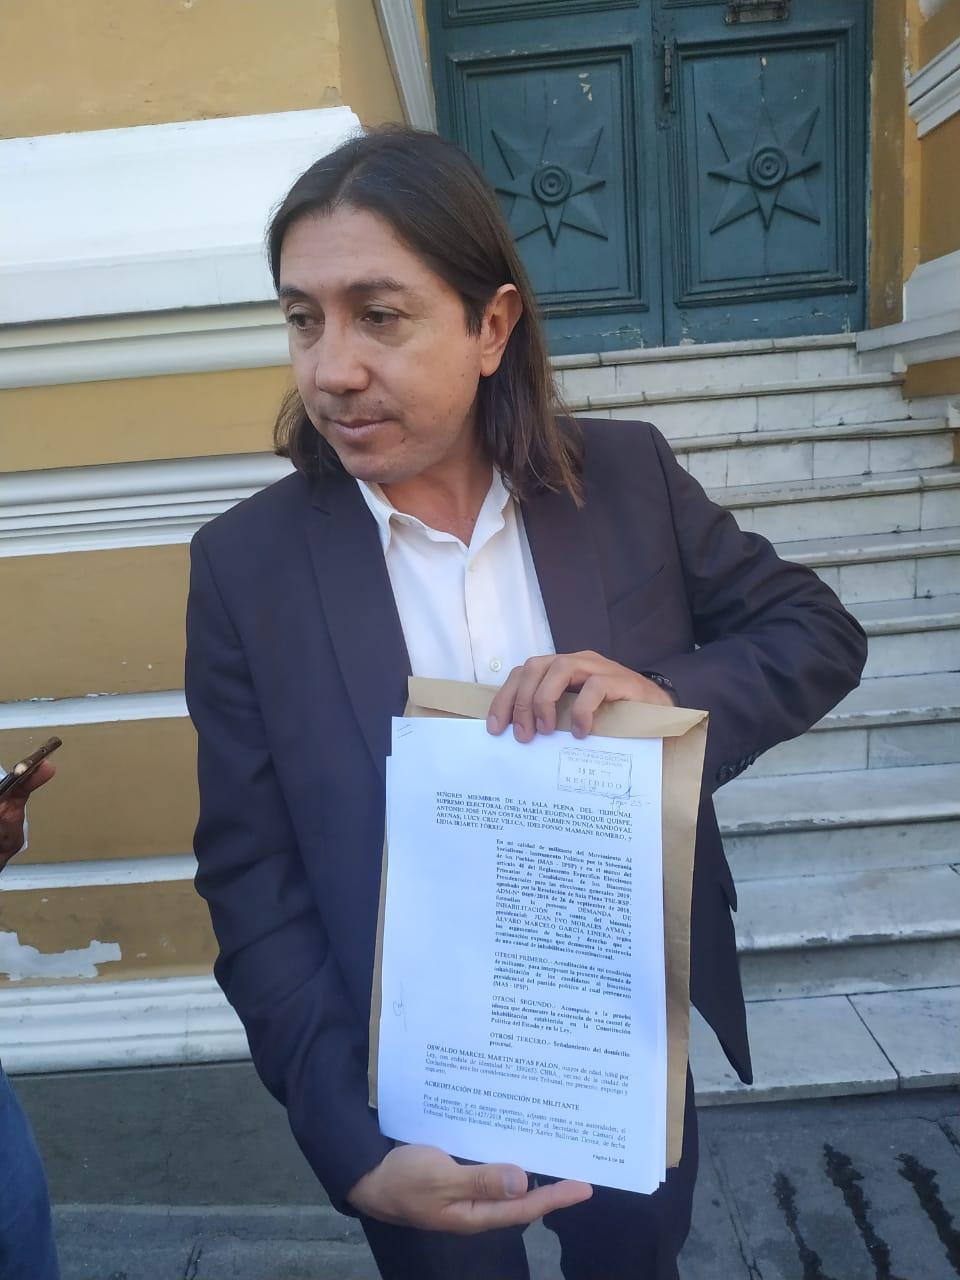 Ciudadano que se inscribió al MAS vuelve a presentar impugnación en contra del binomio Evo Morales y Álvaro García Linera